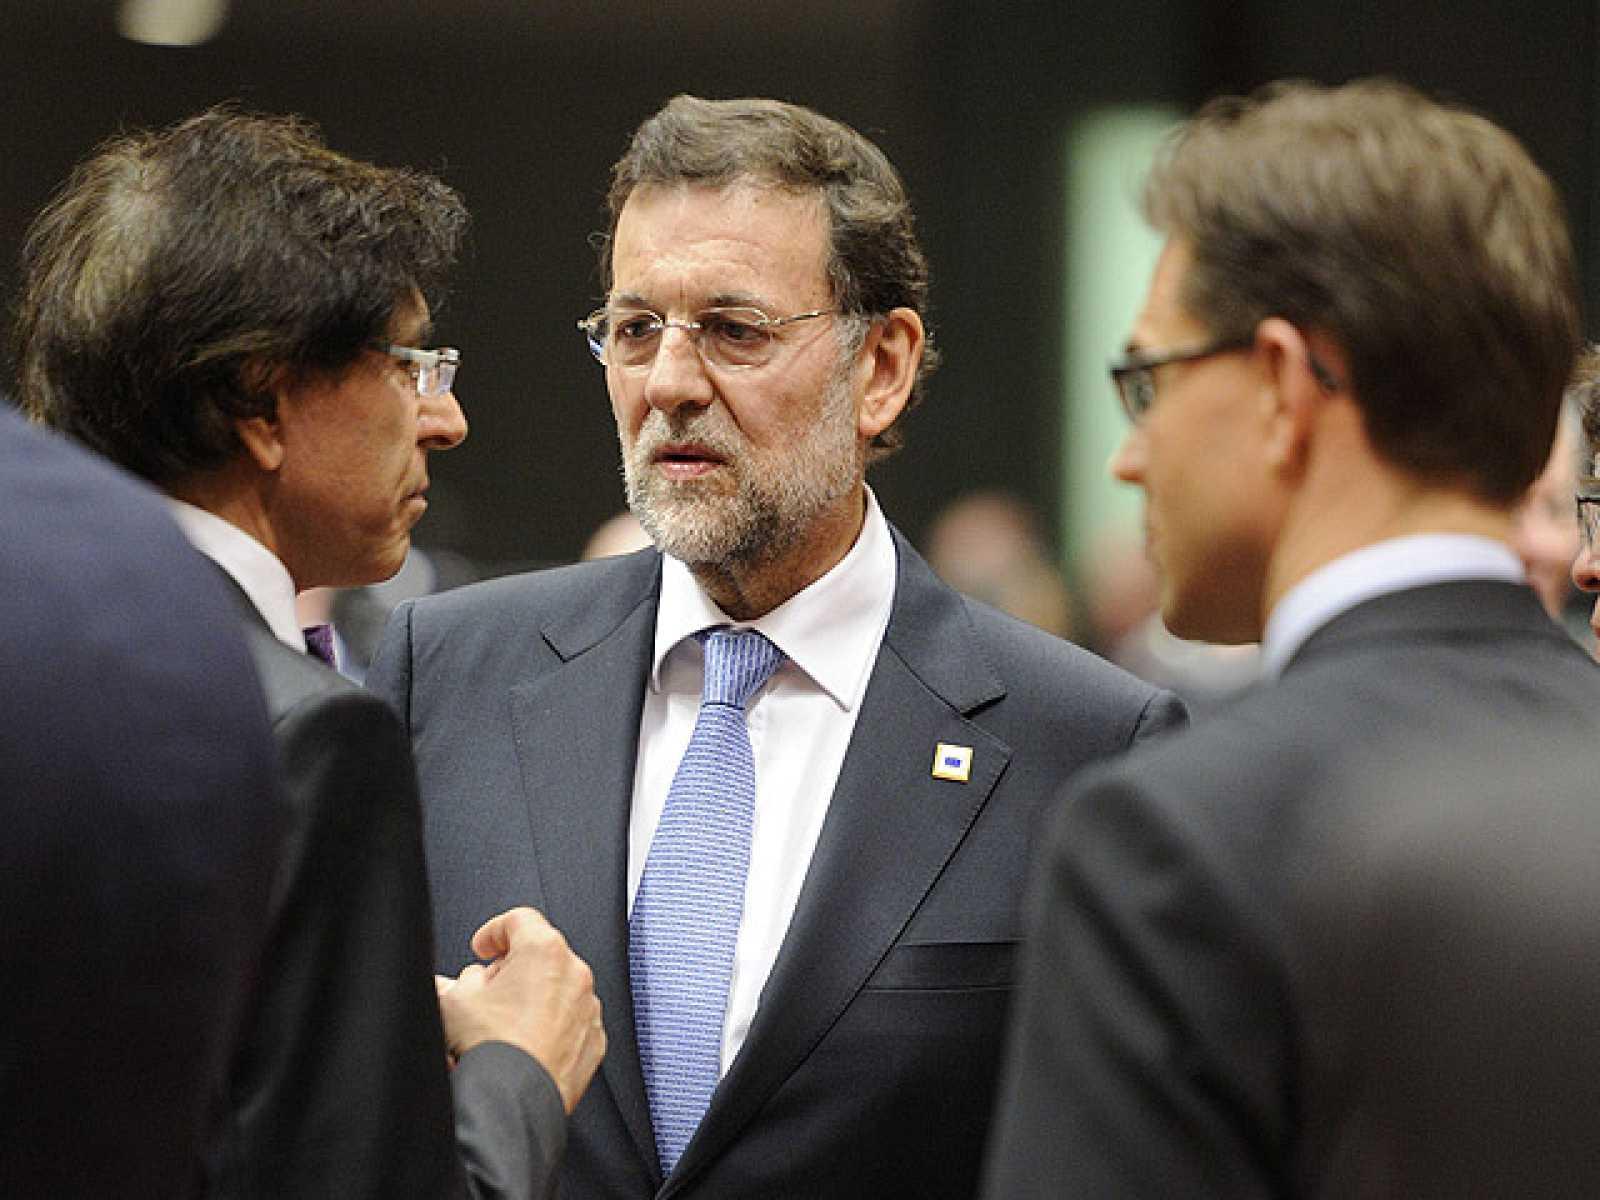 Jornada intensa para Rajoy en su primera cumbre de la UE como presidente del Gobierno